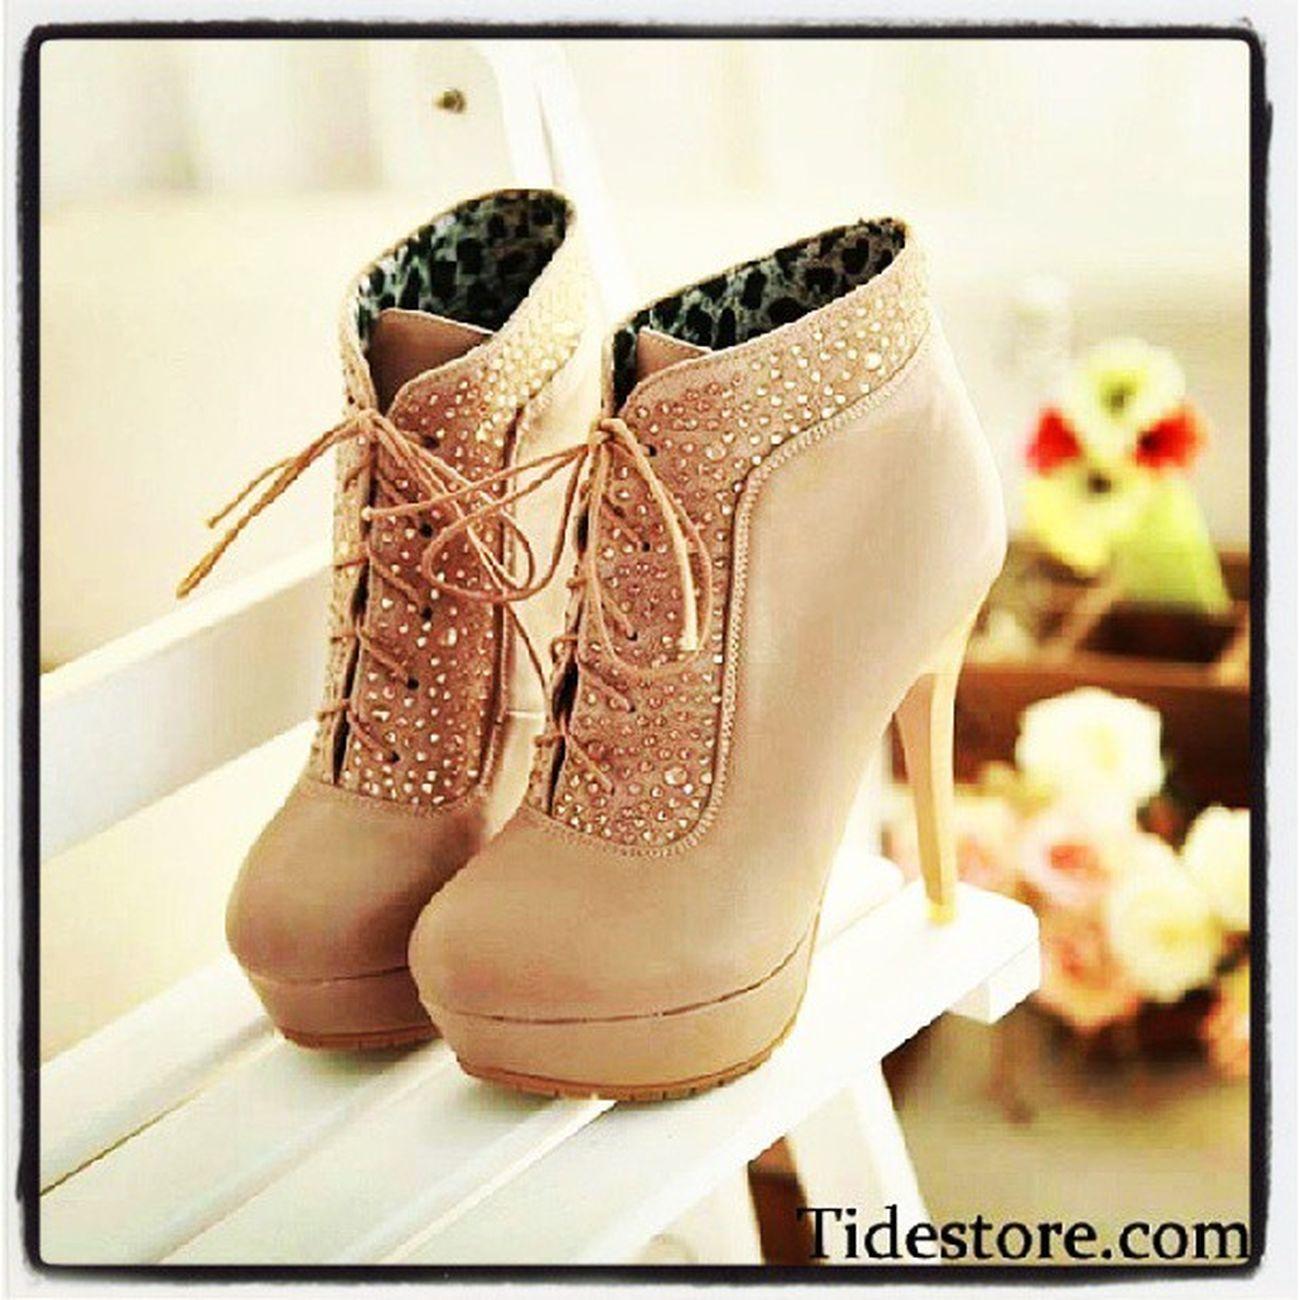 Ohne Worte - Einfach WOW! *-* Hammer Geile Schuhe  Willhaben glitzer beige high heels wow